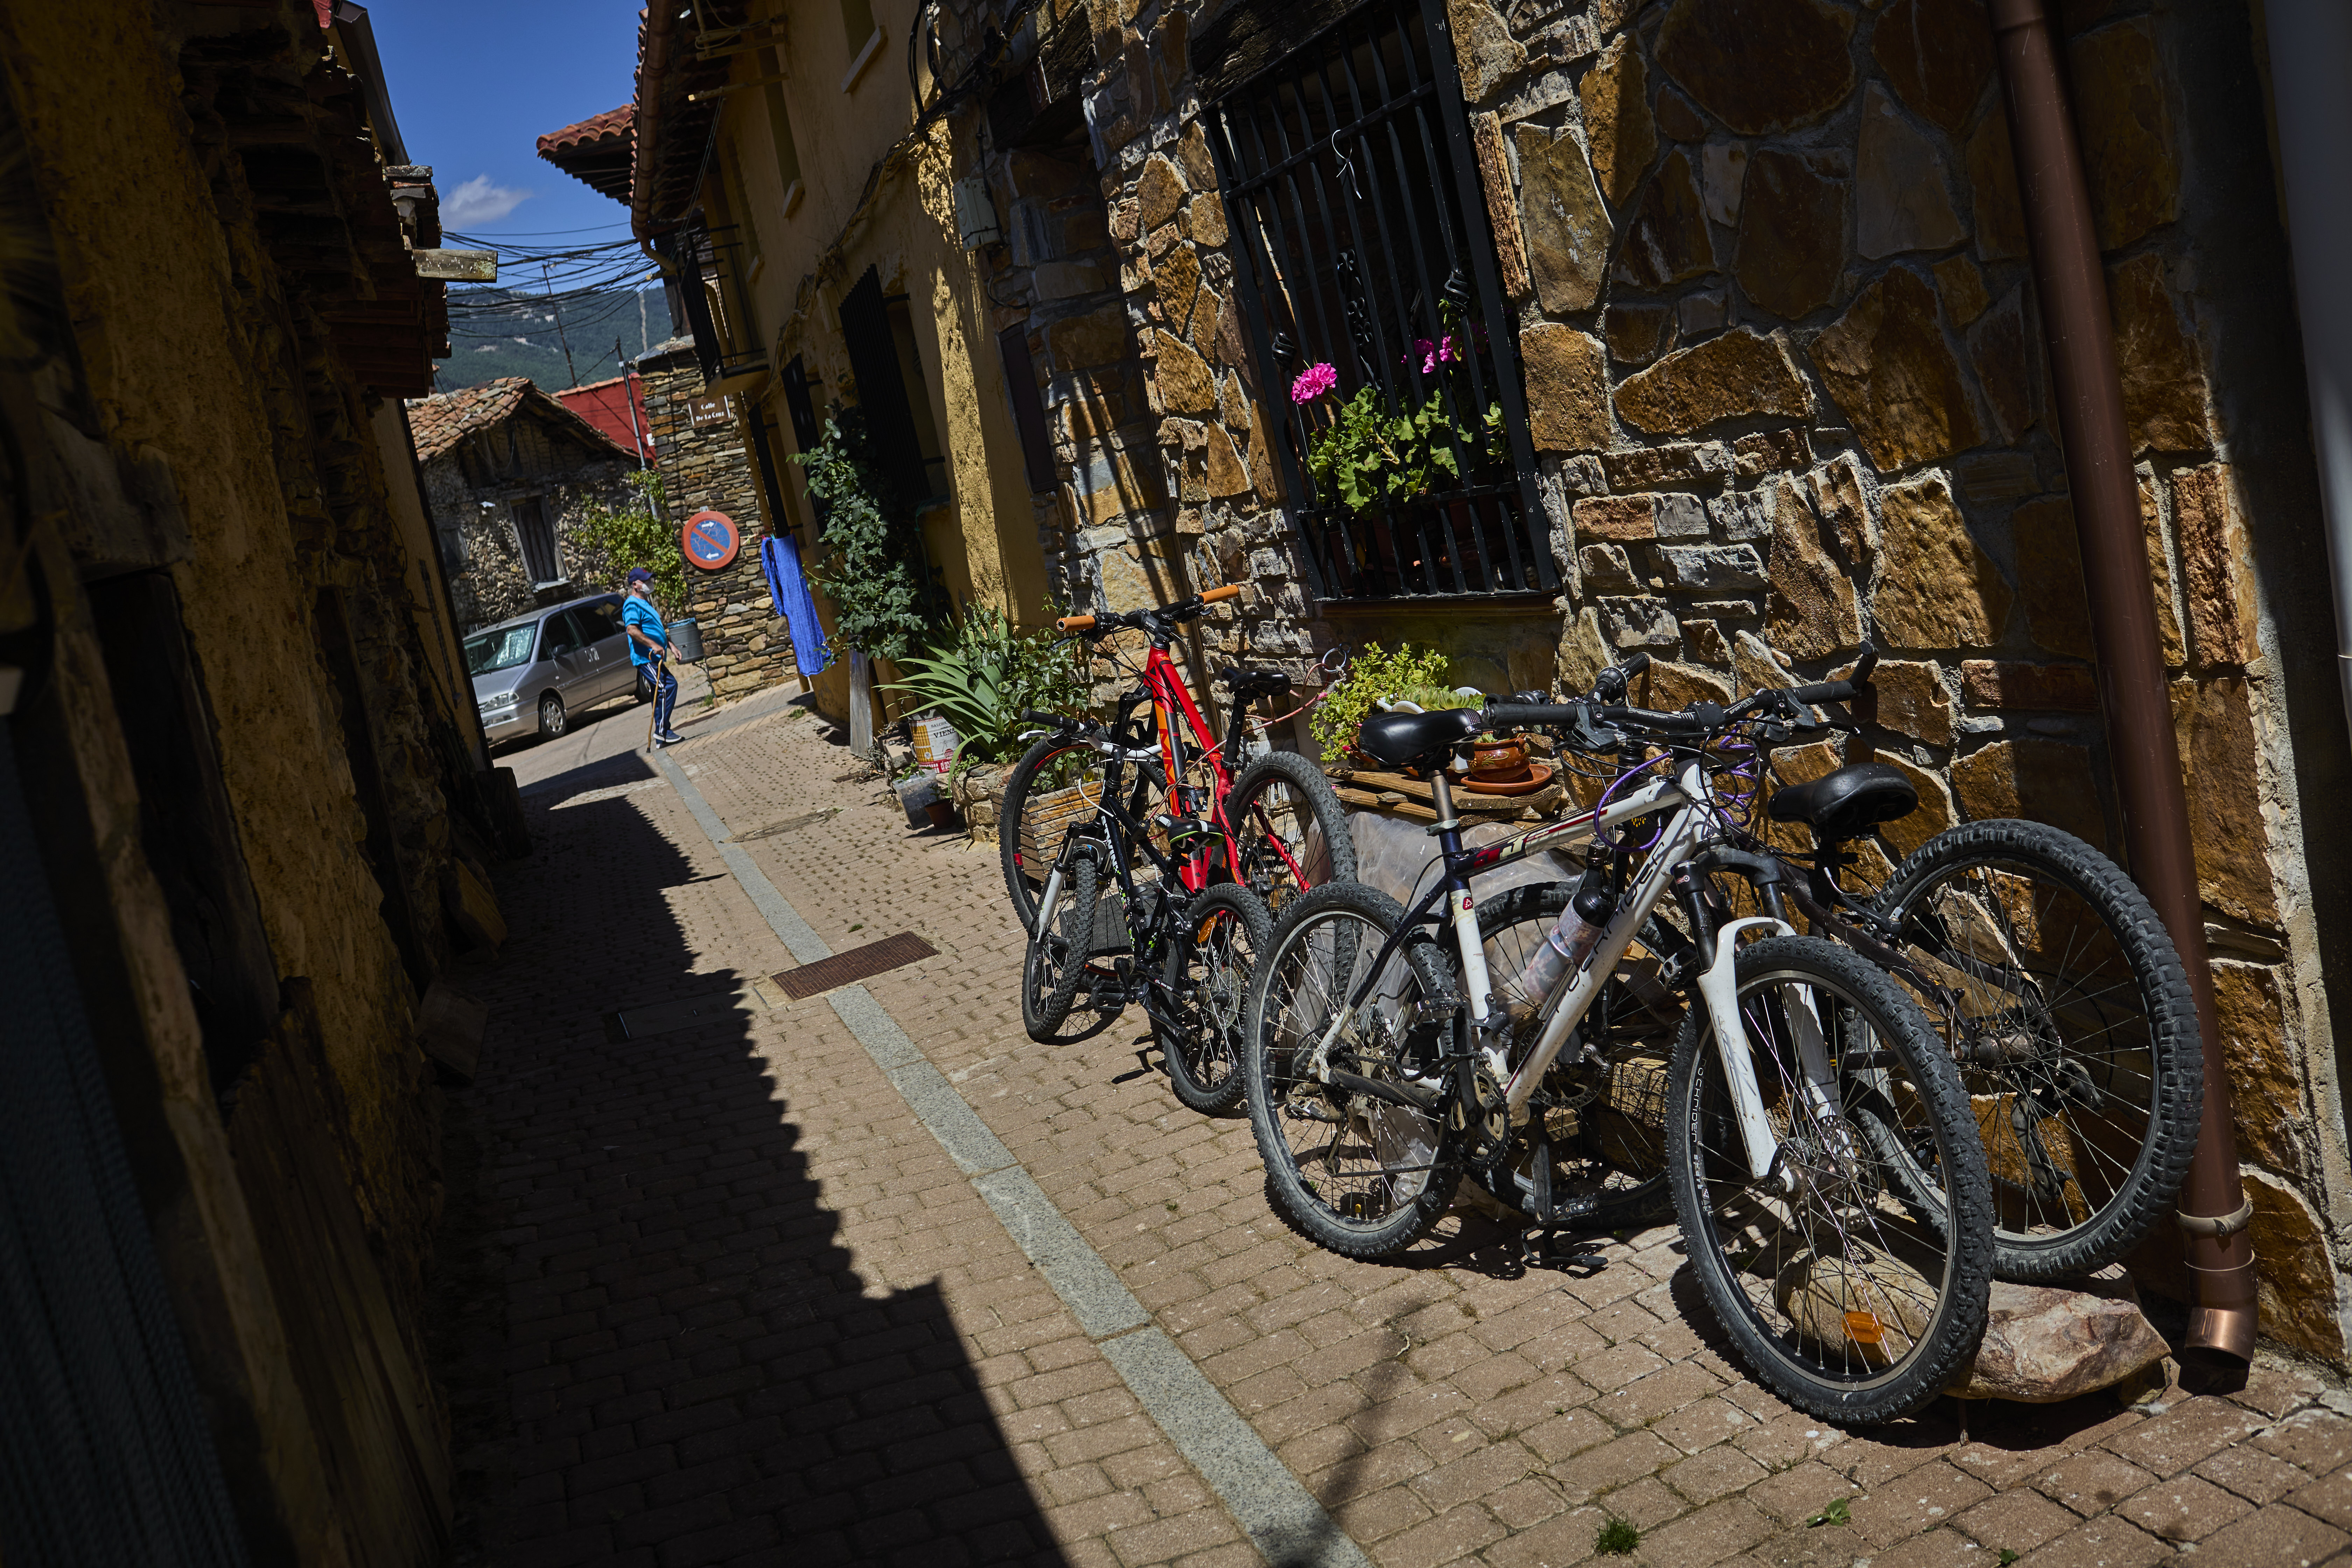 Los más jóvenes aprovechan para ir en bici por senderos cercanos al pueblo